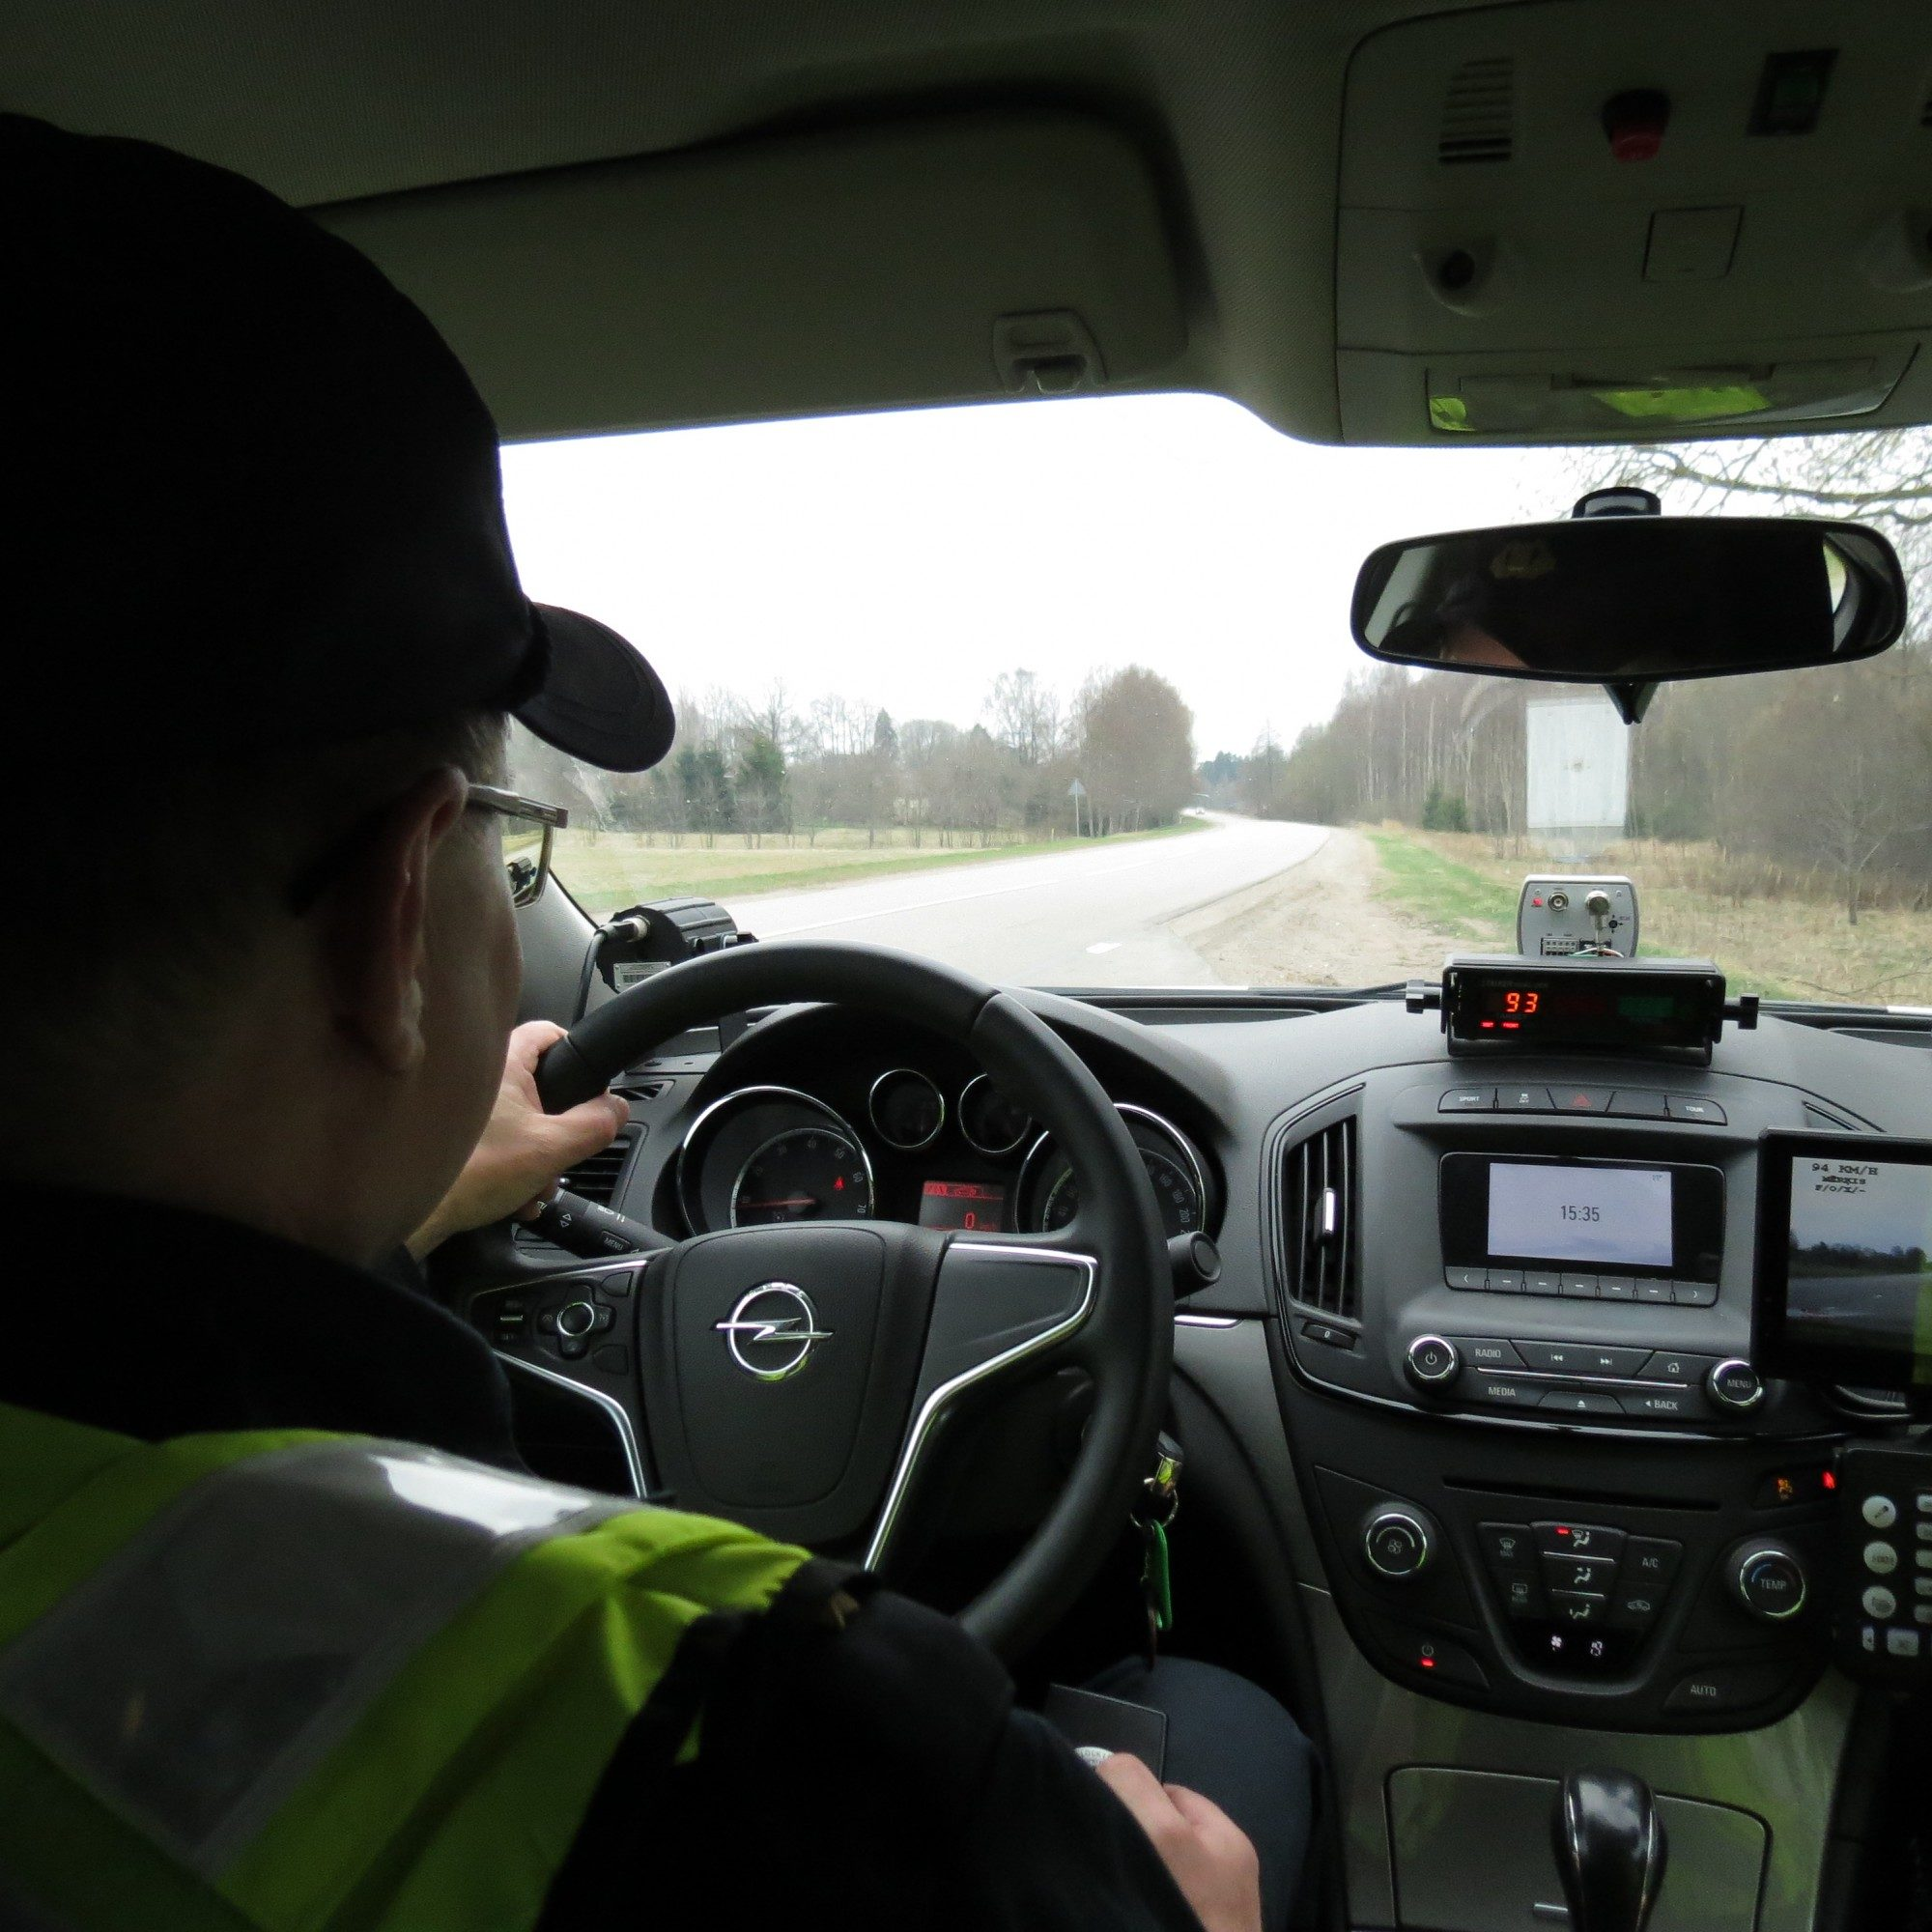 Policija visā Latvijā pastiprināti uzraudzīs satiksmi